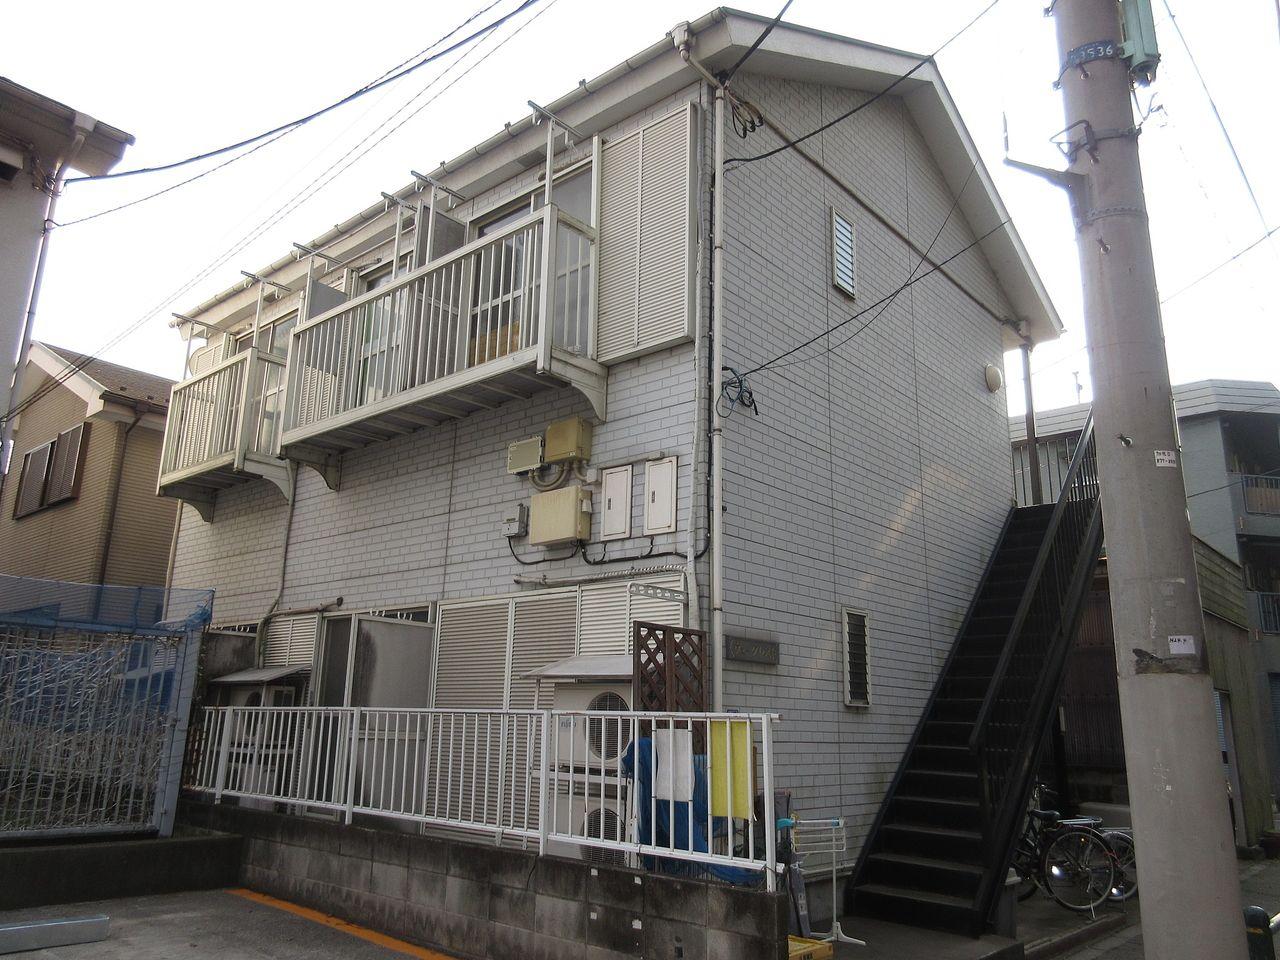 みなさまこんにちは。 板橋区高島平の賃貸アパート【ヴュークレスト203号室】を藤ホーム地所株式会社の遠藤がご紹介いたします。 一人暮らし向けのお部屋になります。